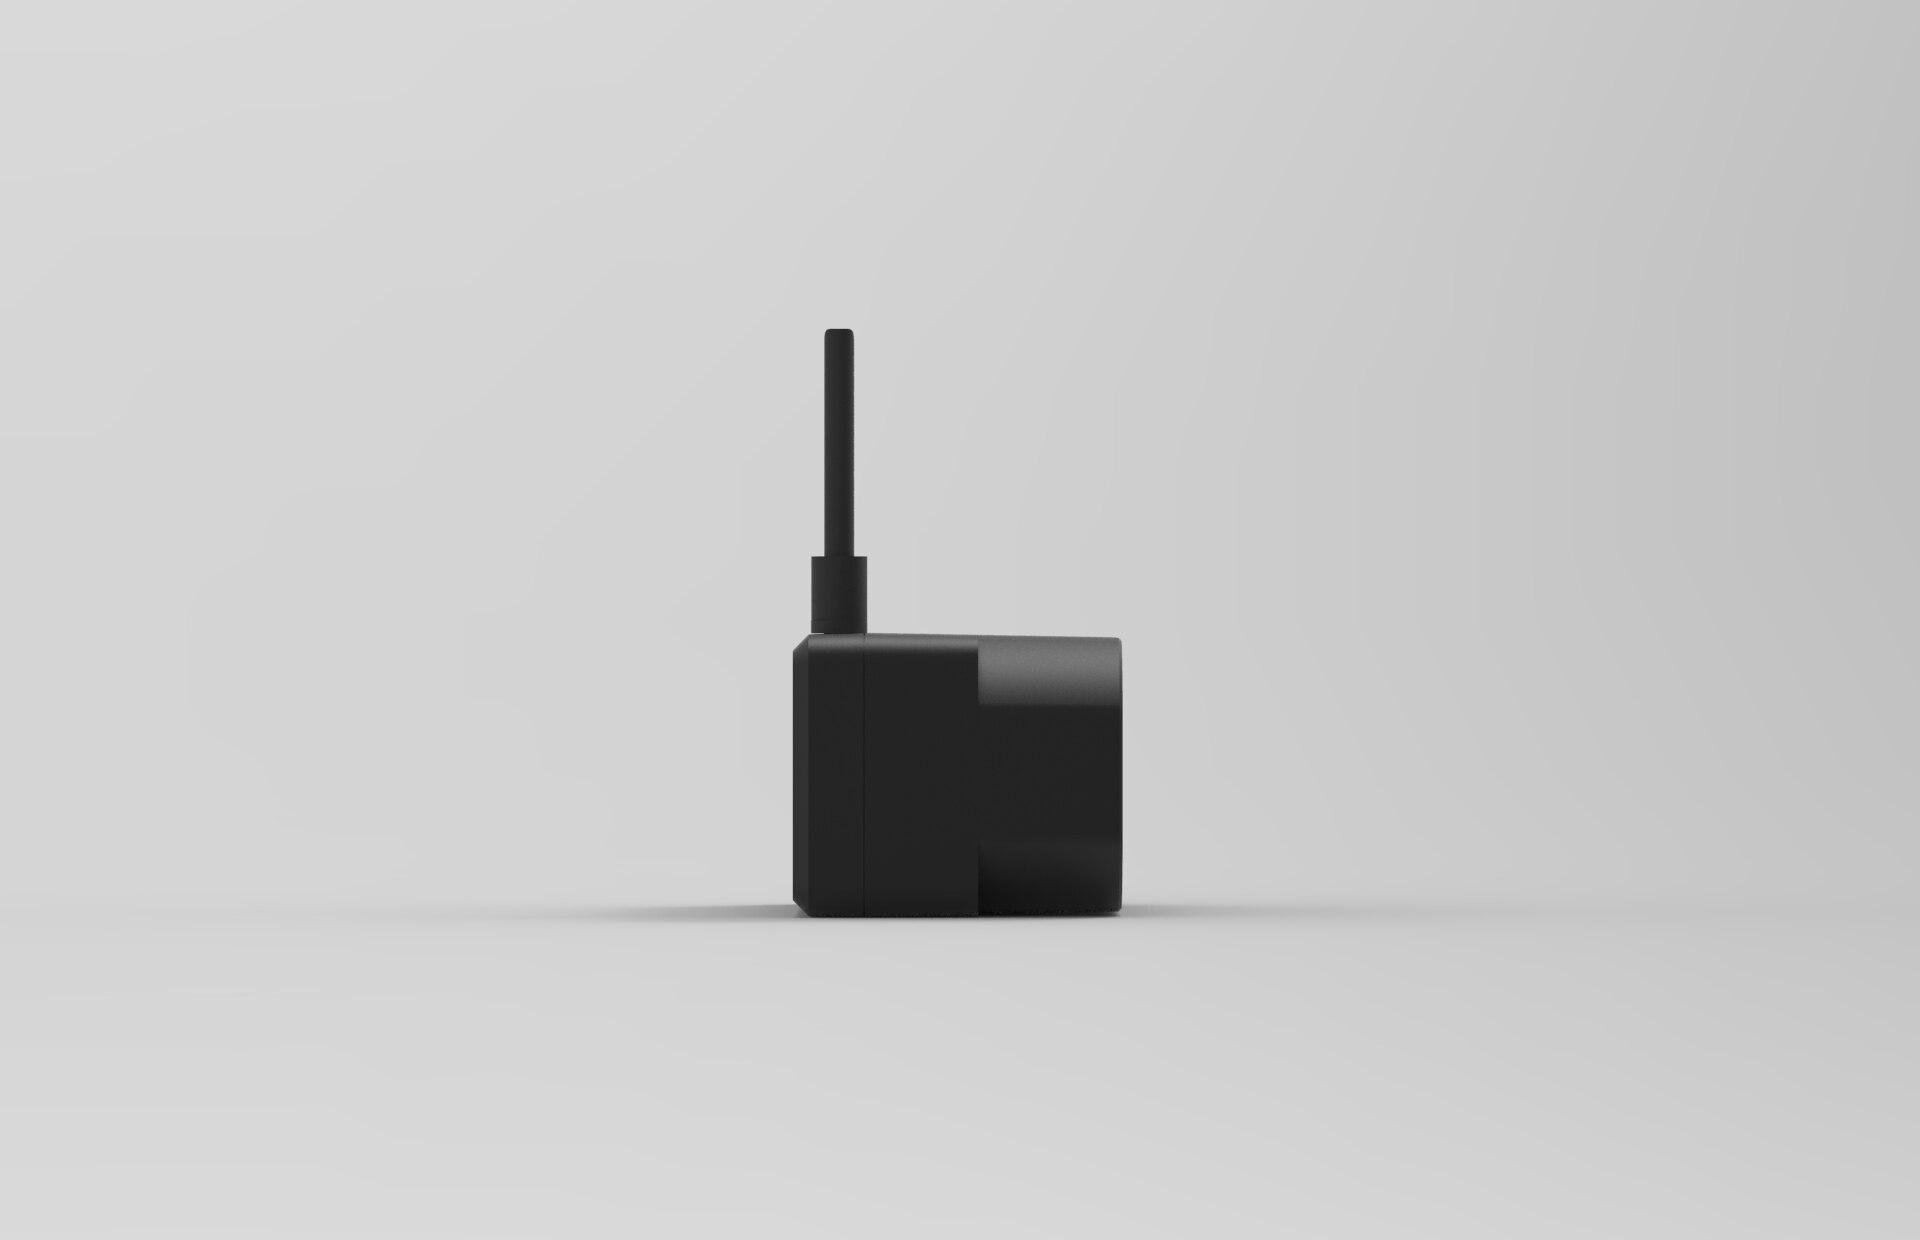 Одноточечный мини-датчик L-i-d-a-r длиной 12 м